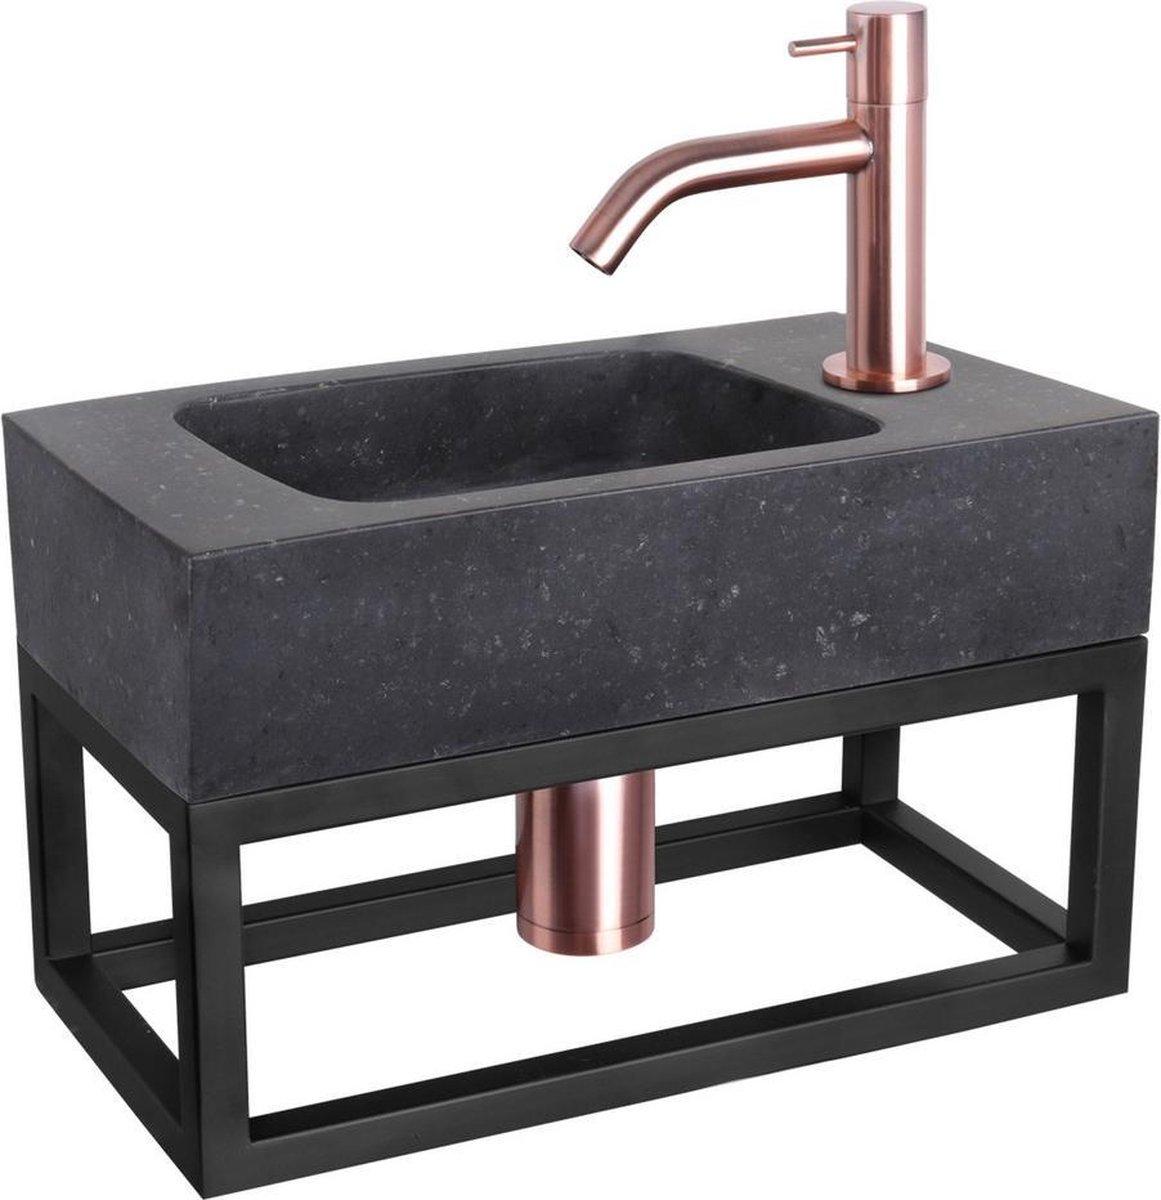 Differnz Fonteinset Bombai black - Natuursteen - Kraan gebogen rood koper - Met handdoekrek - 40 x 22 x 9 cm